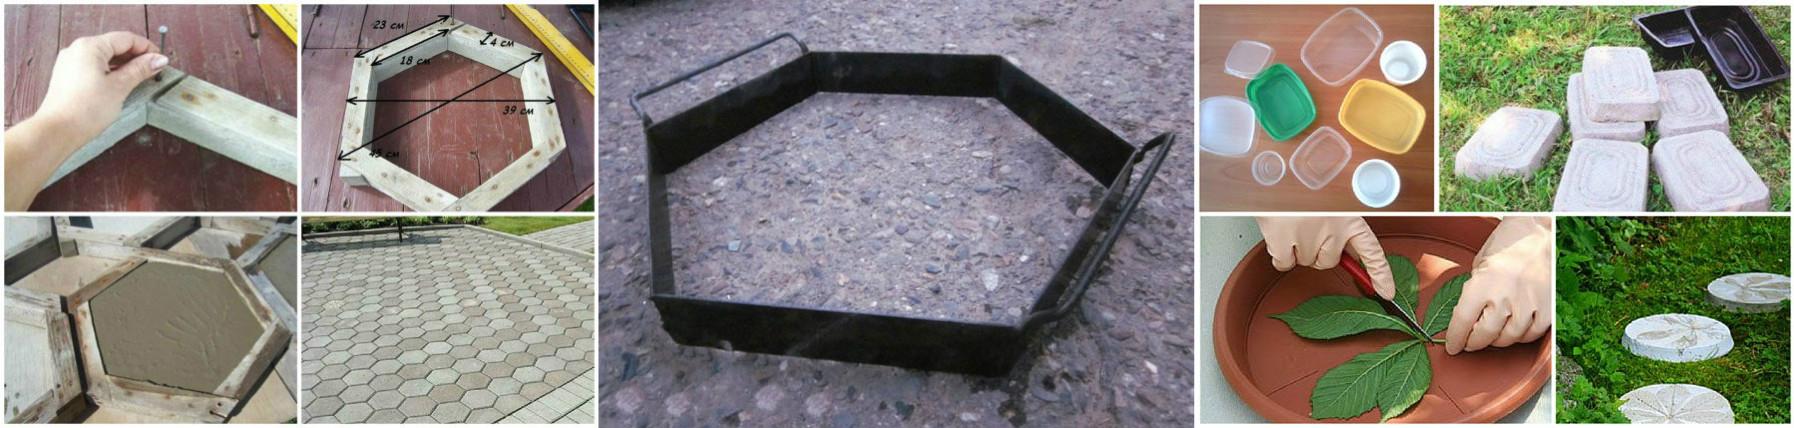 Как сделать тротуарную плитку своими руками для дачи 75